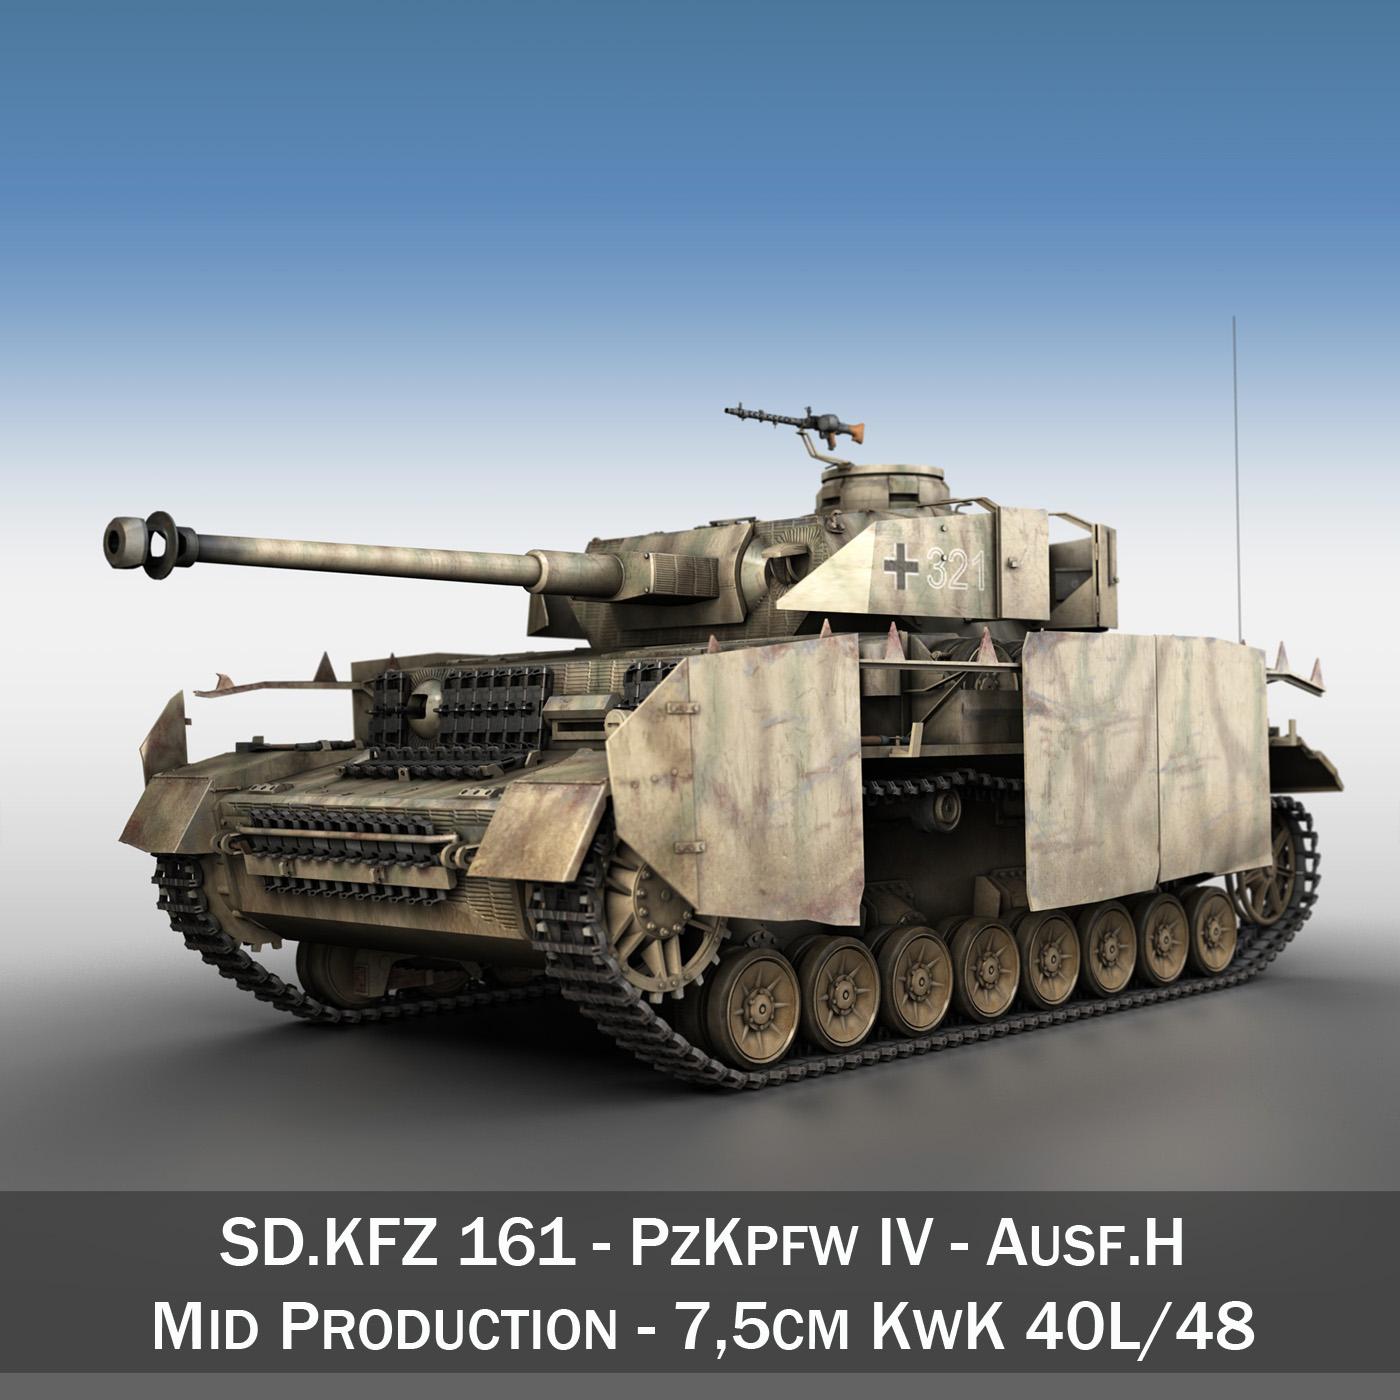 sd.kfz 161 pzkpfw iv panzer 4 ausf.h late 3d model 3ds fbx c4d lwo obj 190339